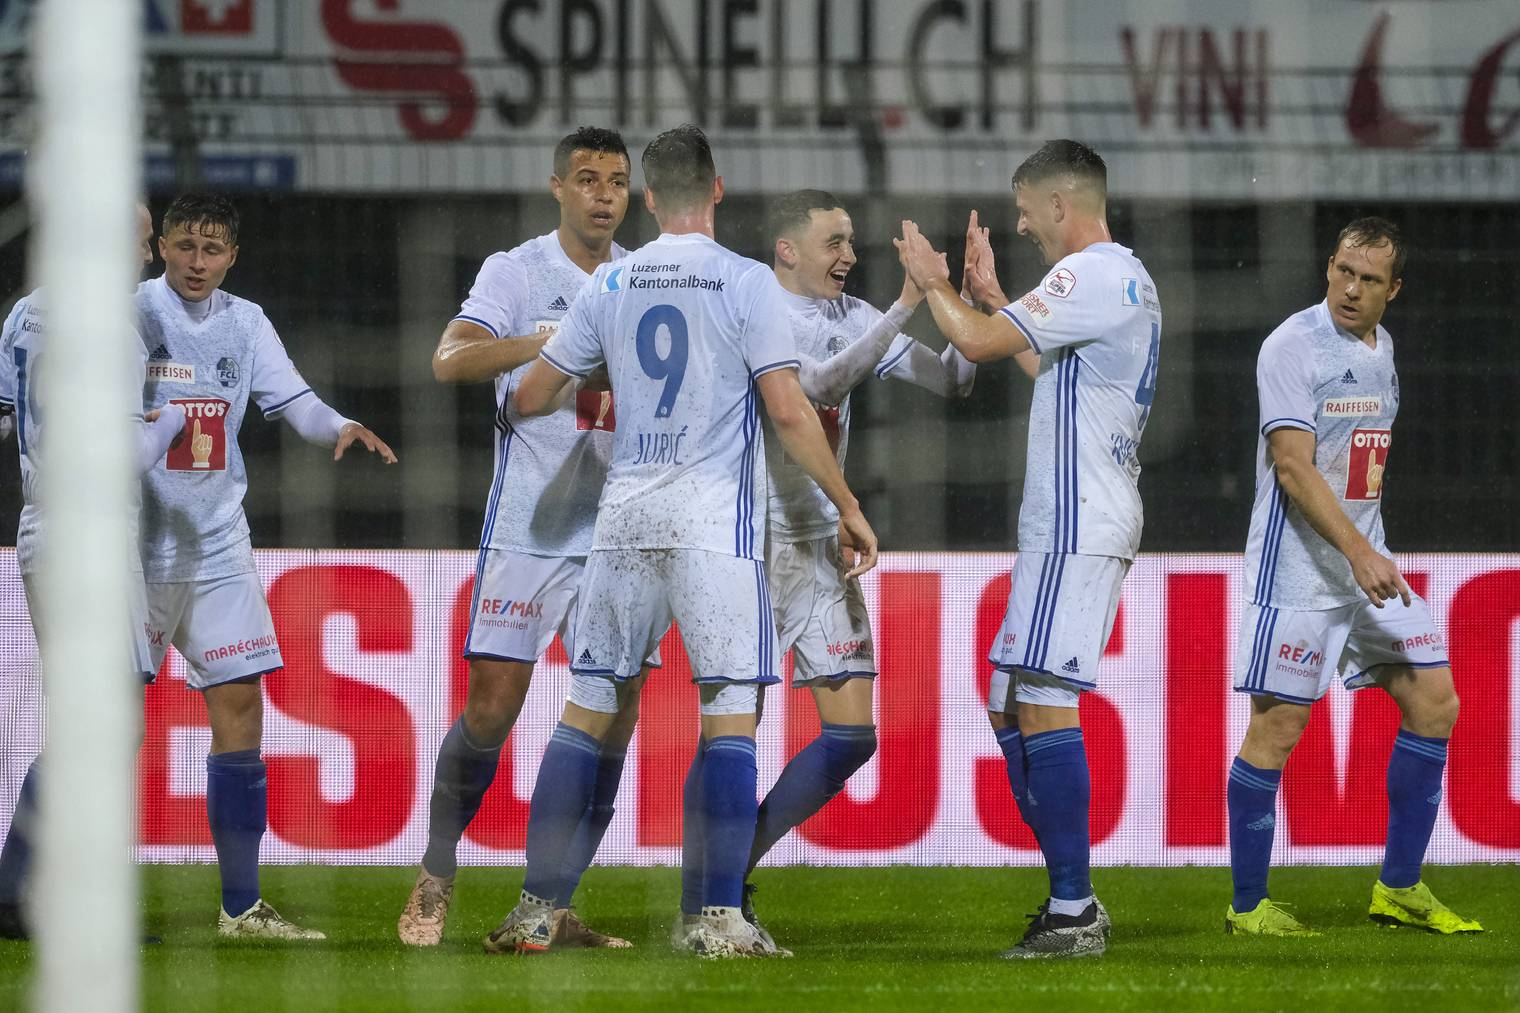 Jubelnde Luzerner beim Spiel gegen den FC Lugano.